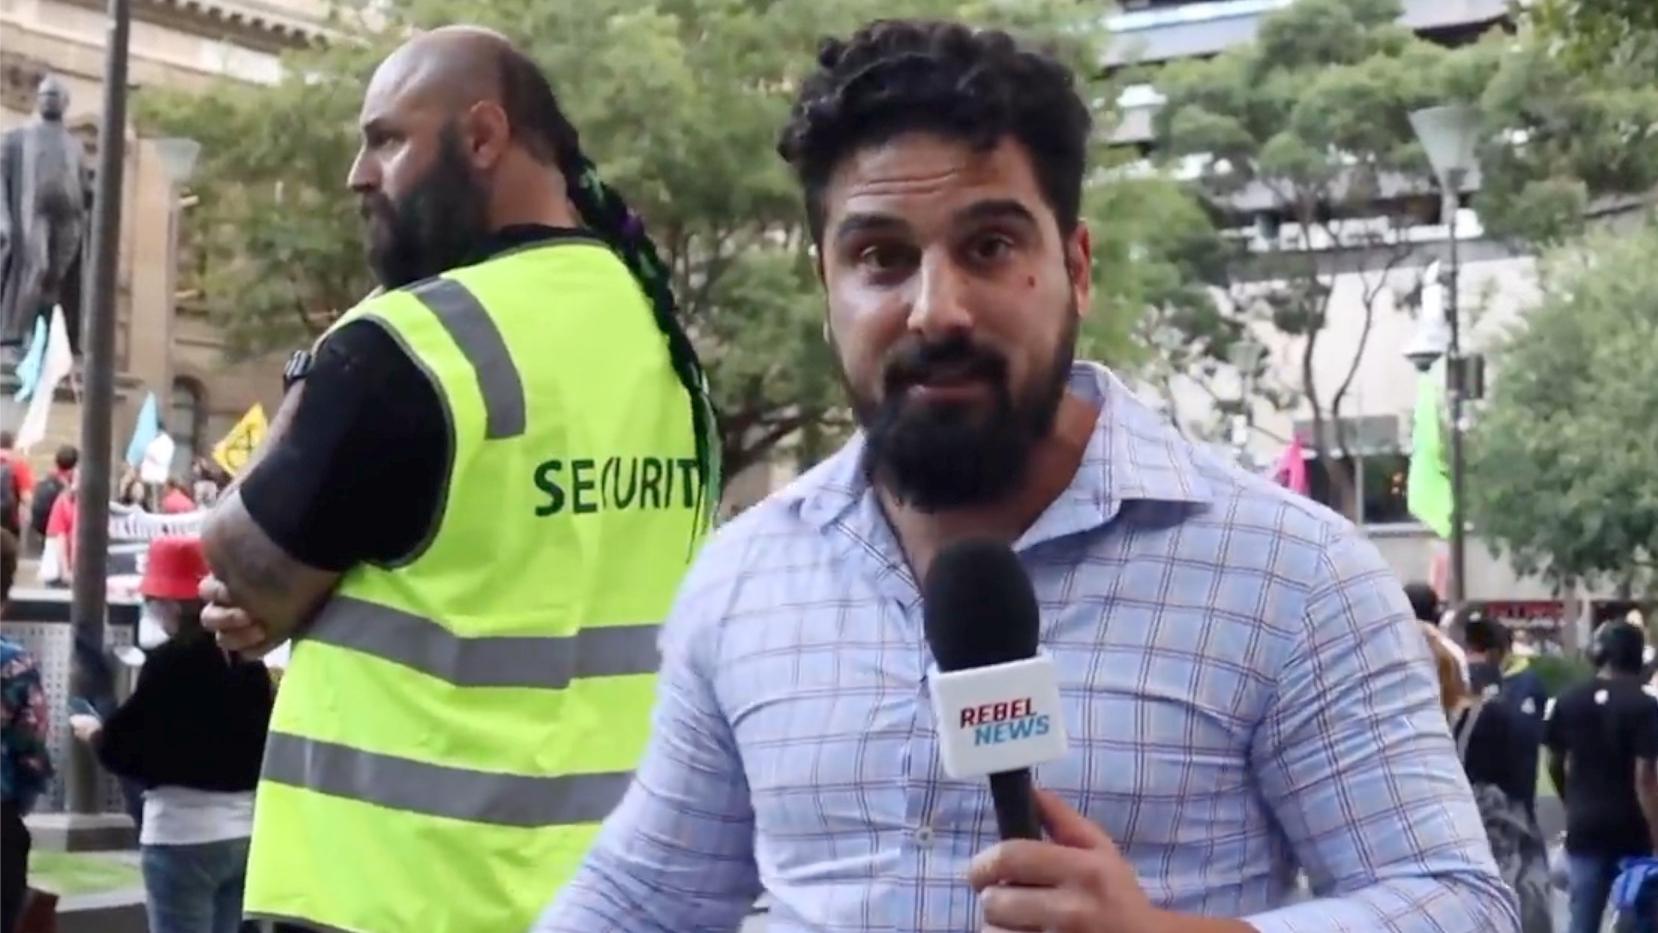 Security for Avi Yemini